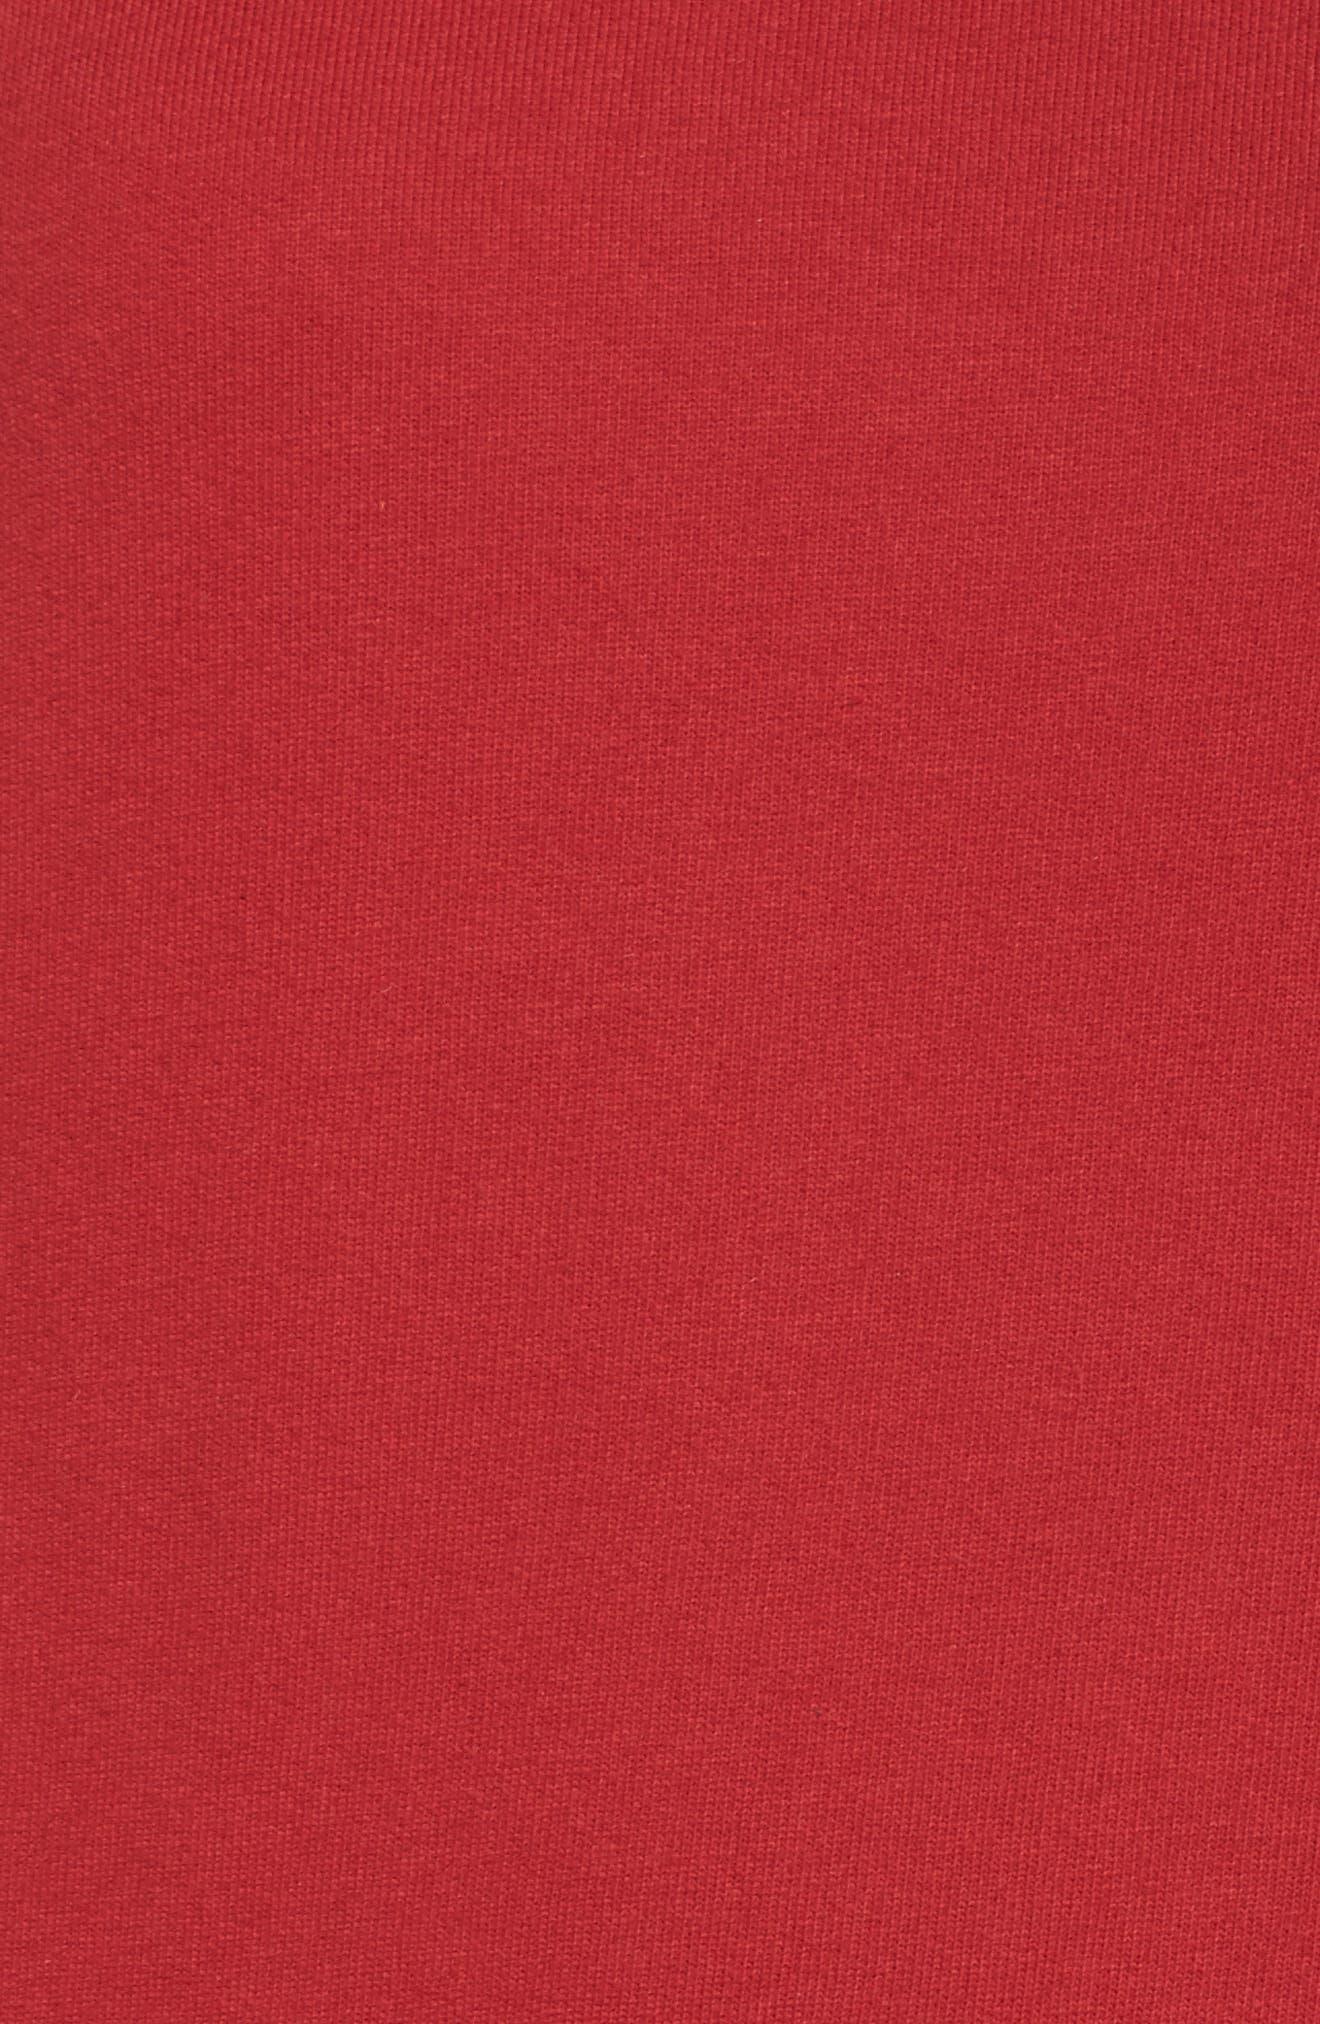 NFL Arizona Cardinals Sunday Hoodie,                             Alternate thumbnail 6, color,                             Cardinal